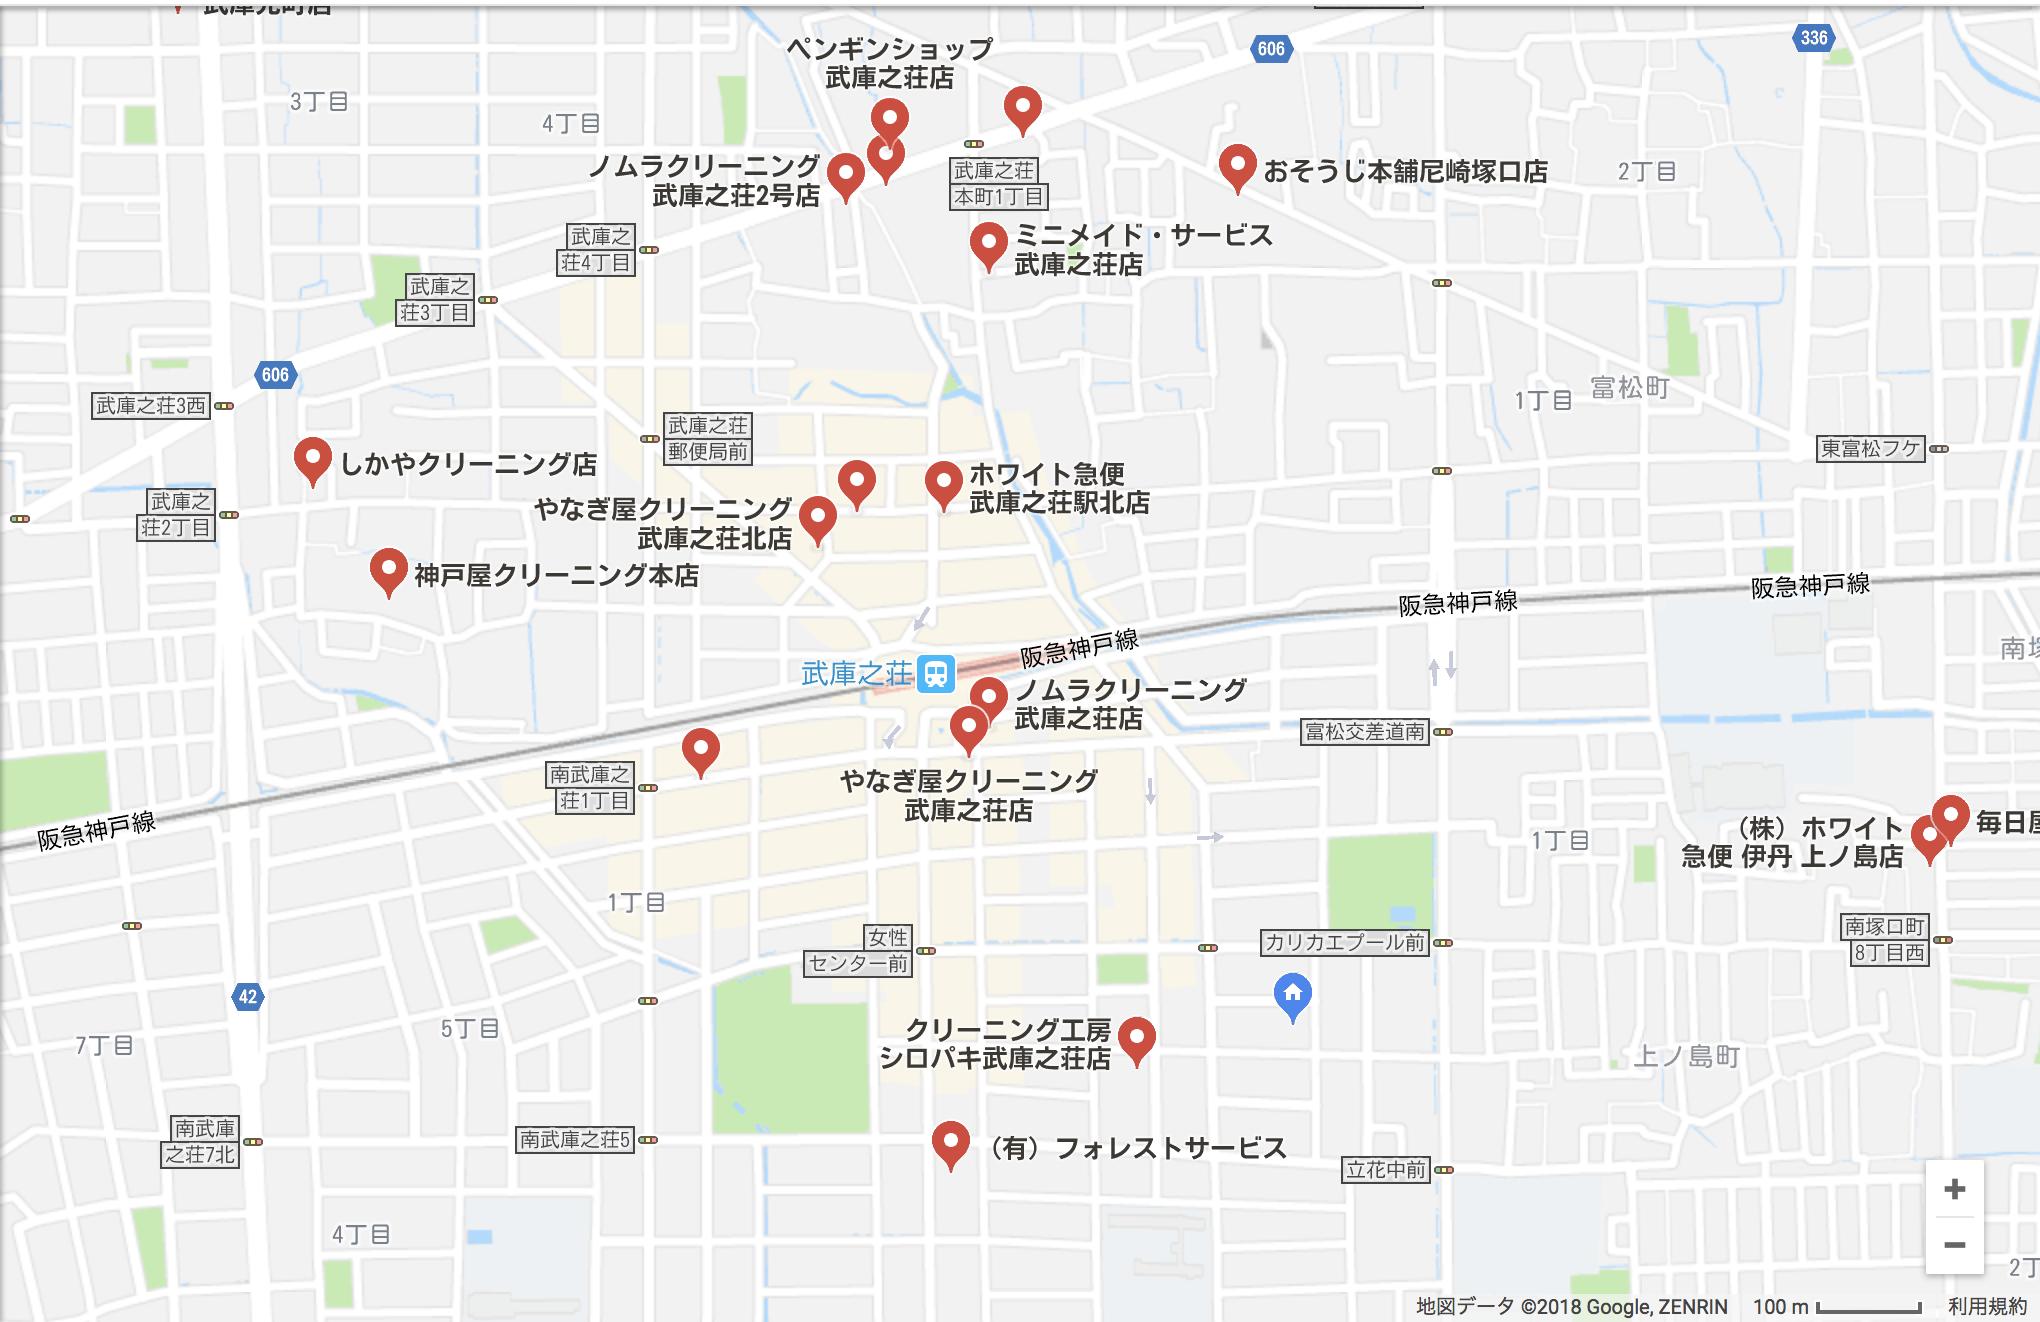 武庫之荘 クリーニング屋